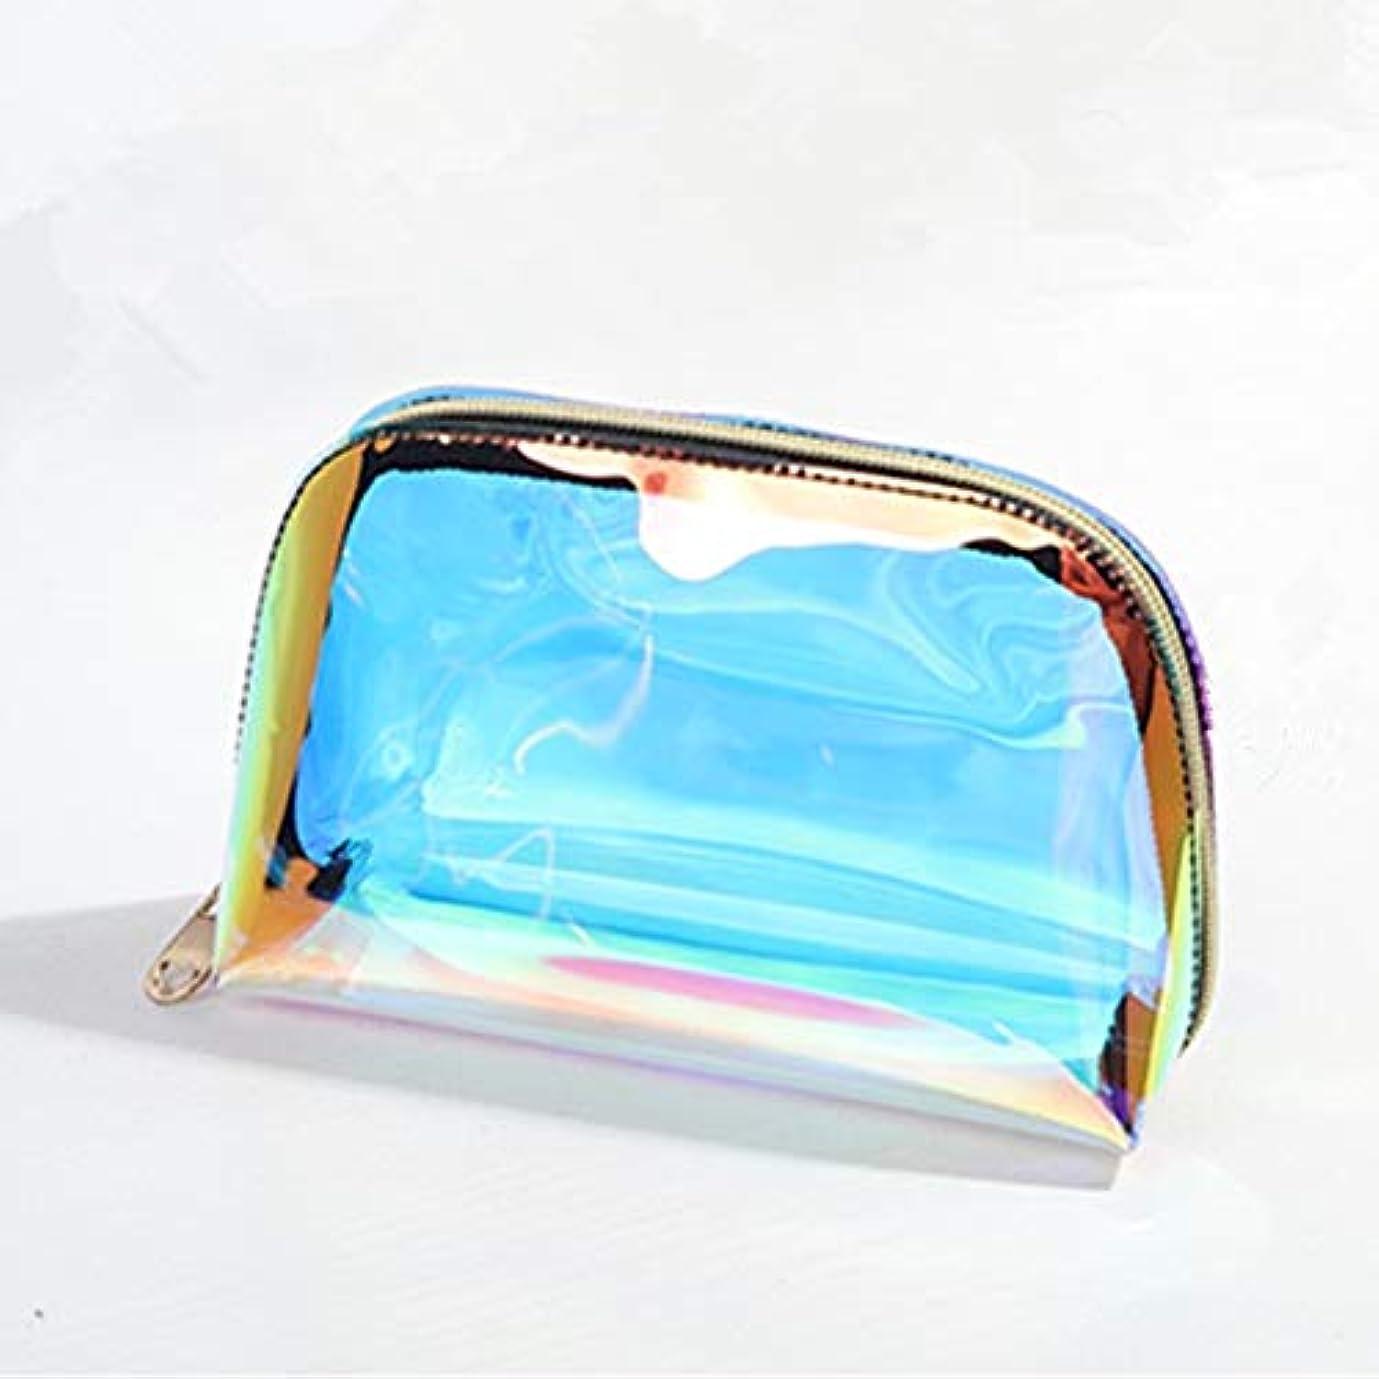 いらいらする意識的受け入れるGUJIJI 化粧ポーチ 大容量 防水 軽量便利 旅行 出張 温泉 防水 収納 镭射デザイン多機能バッグ 透明化粧品ボックス (SMALL, マルチカラー)